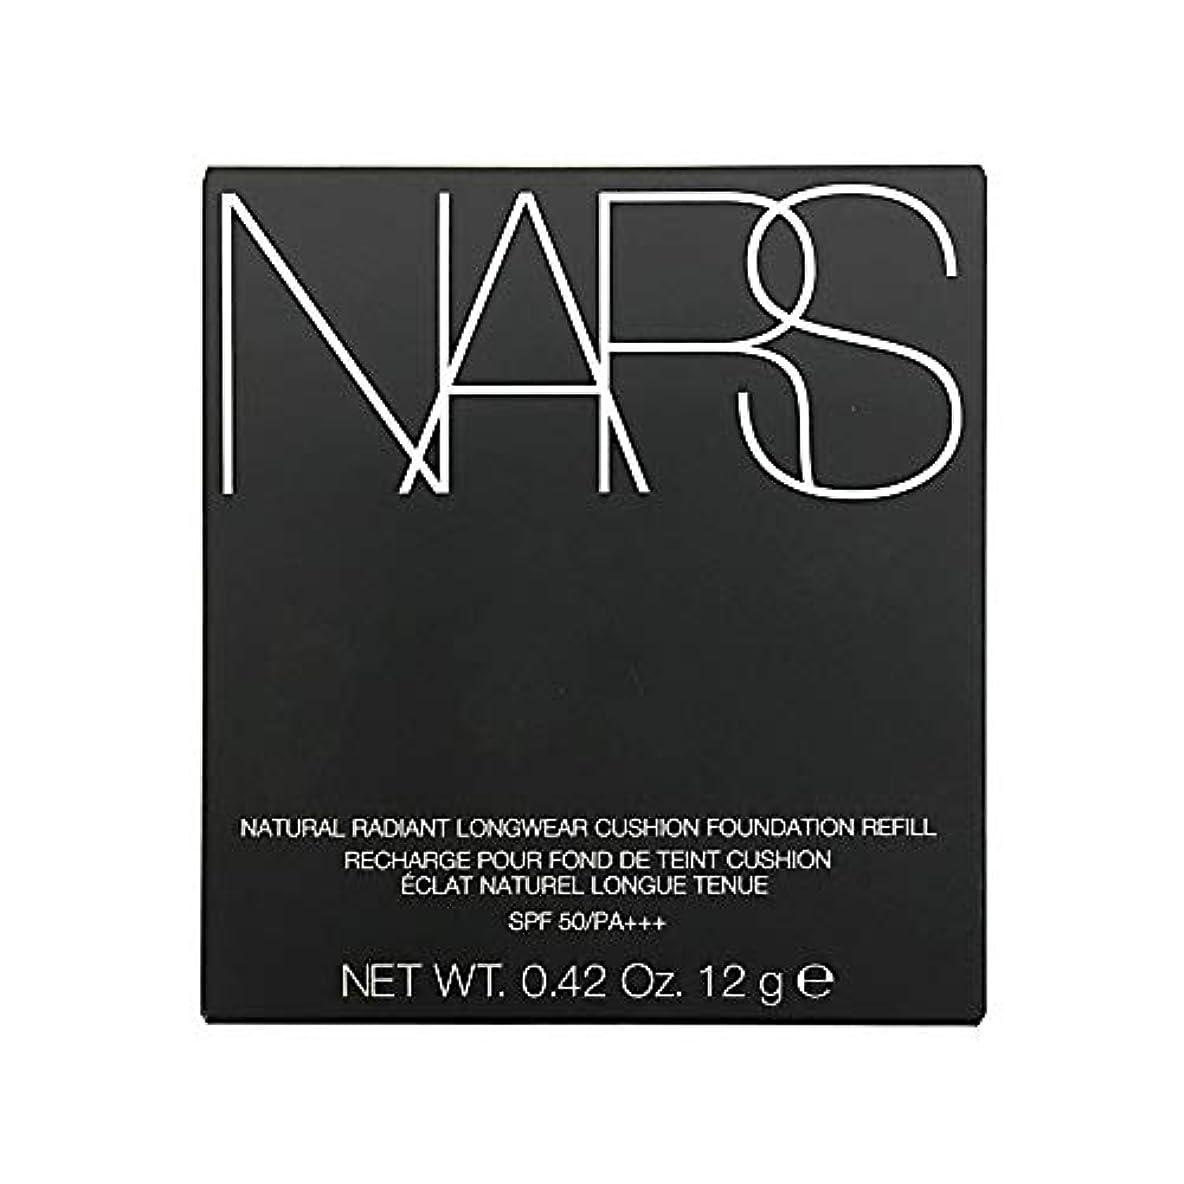 ナーズ/NARS ナチュラルラディアント ロングウェア クッションファンデーション(レフィル)#5880[ クッションファンデ ] [並行輸入品]